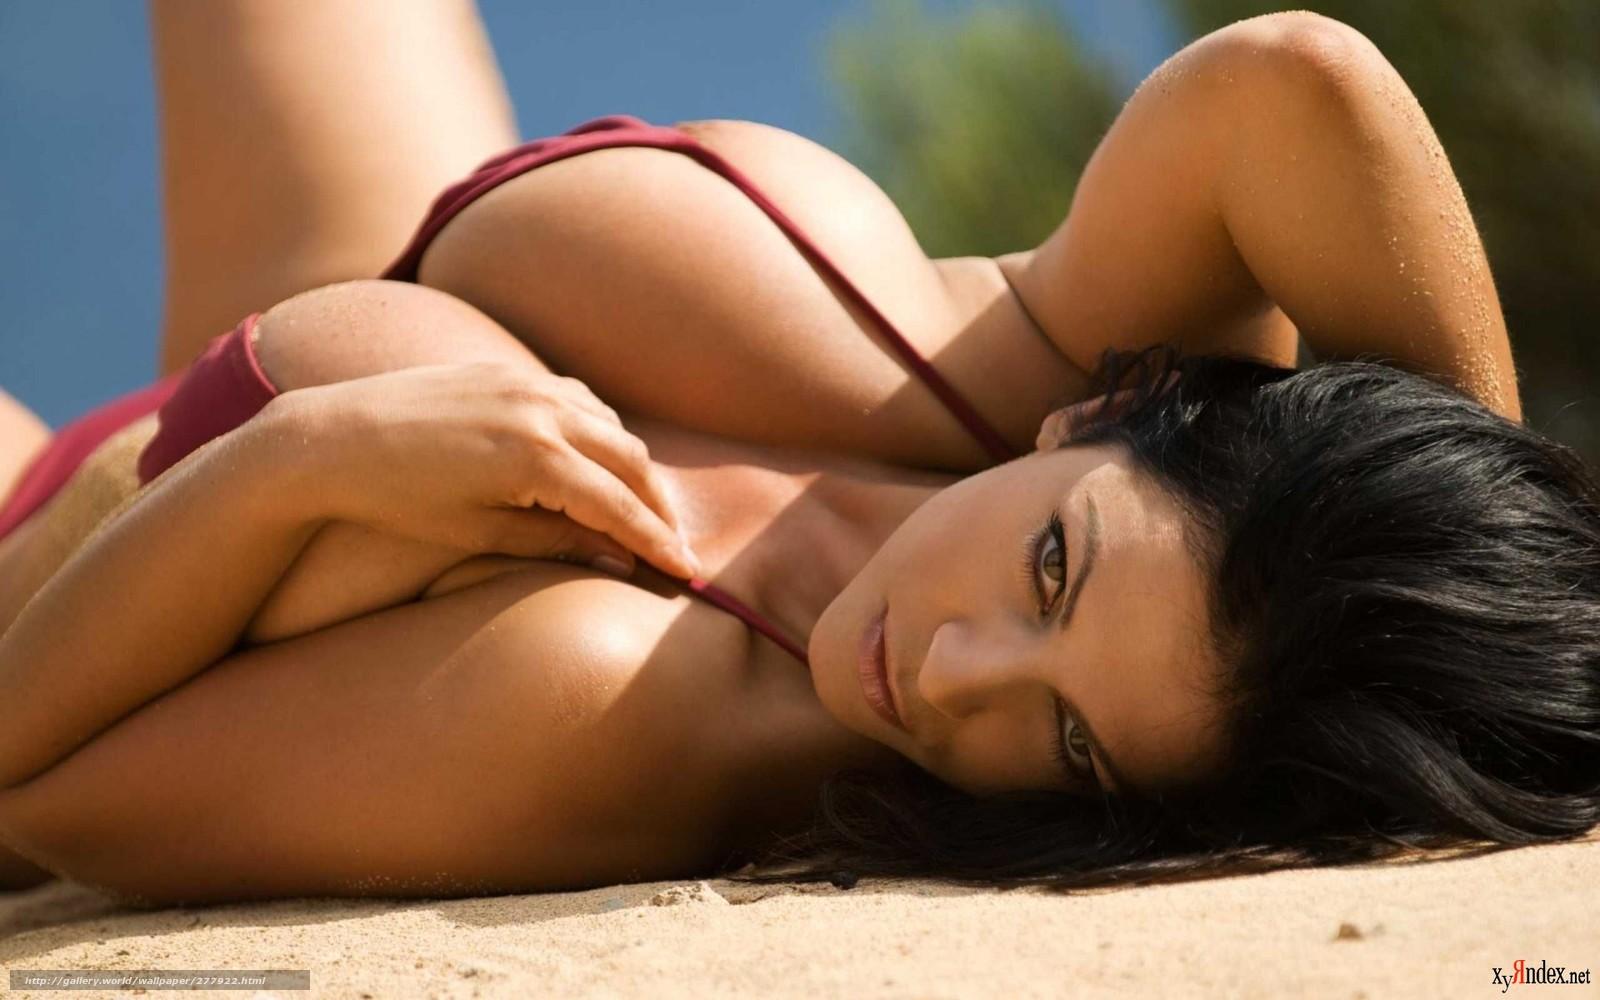 Сексуальные клипы девушек 10 фотография